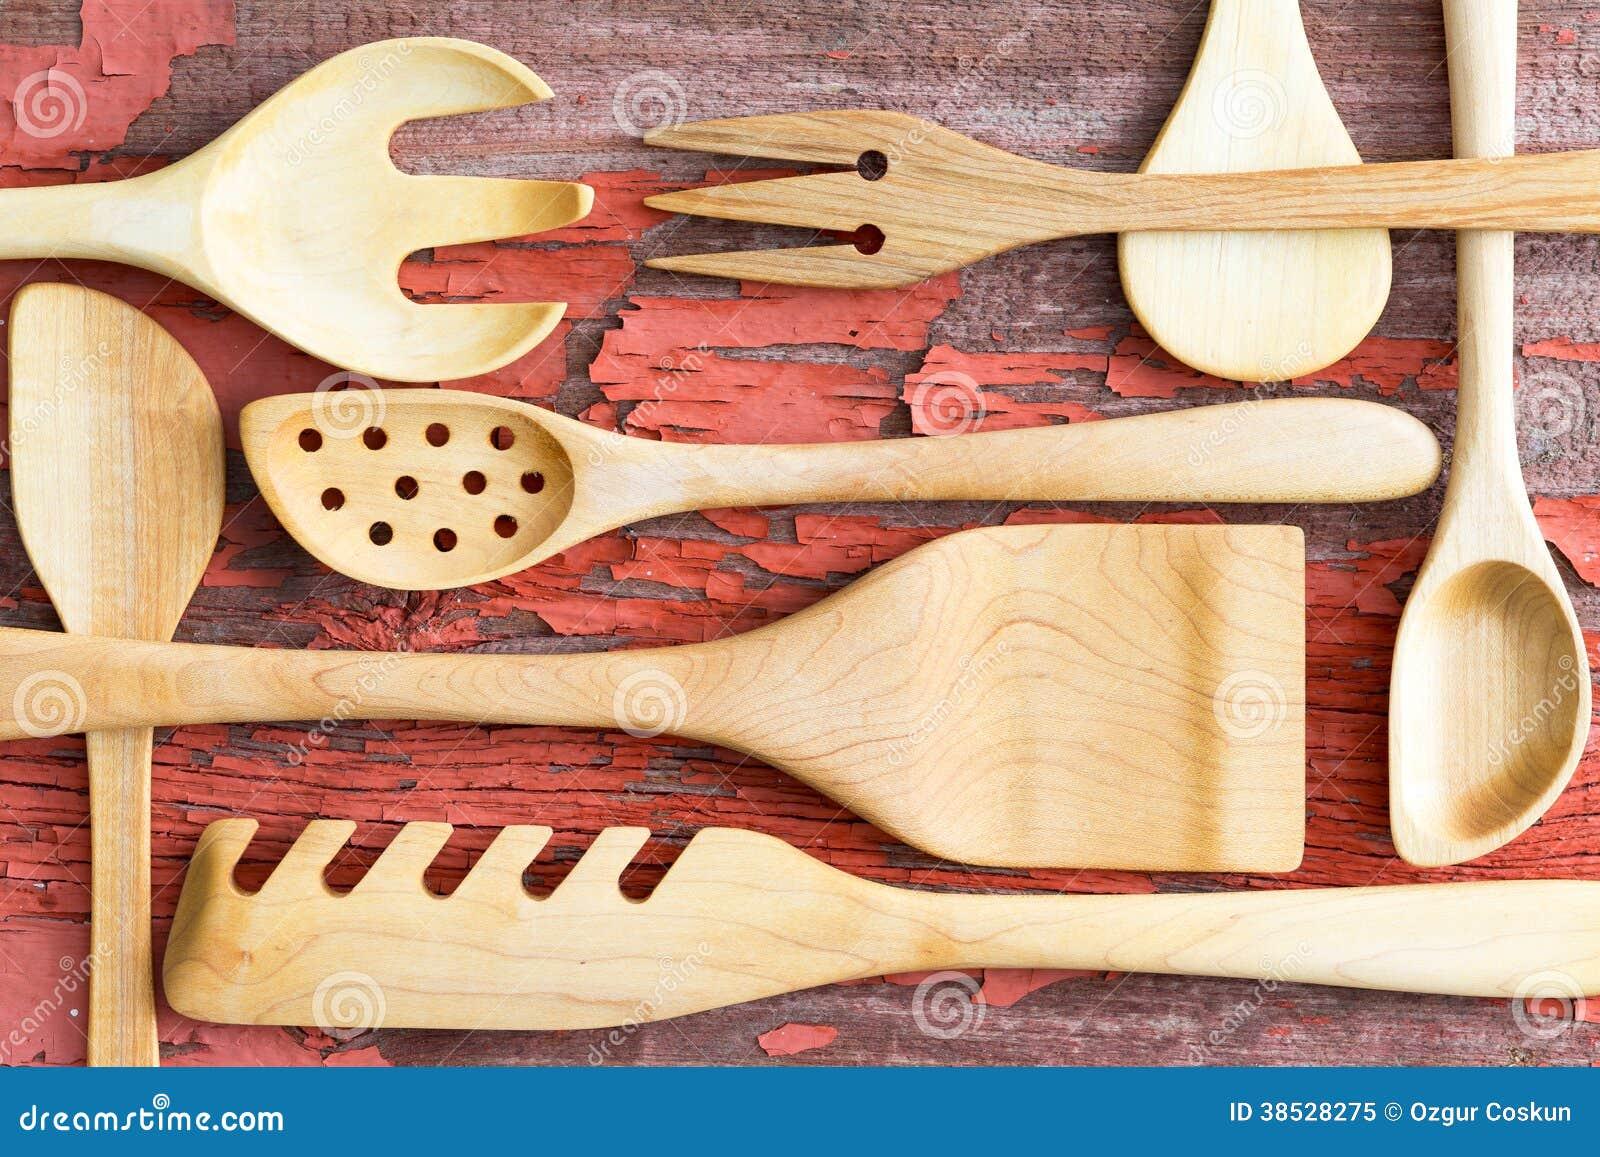 Still Life Arrangement Of Wooden Kitchen Utensils Royalty